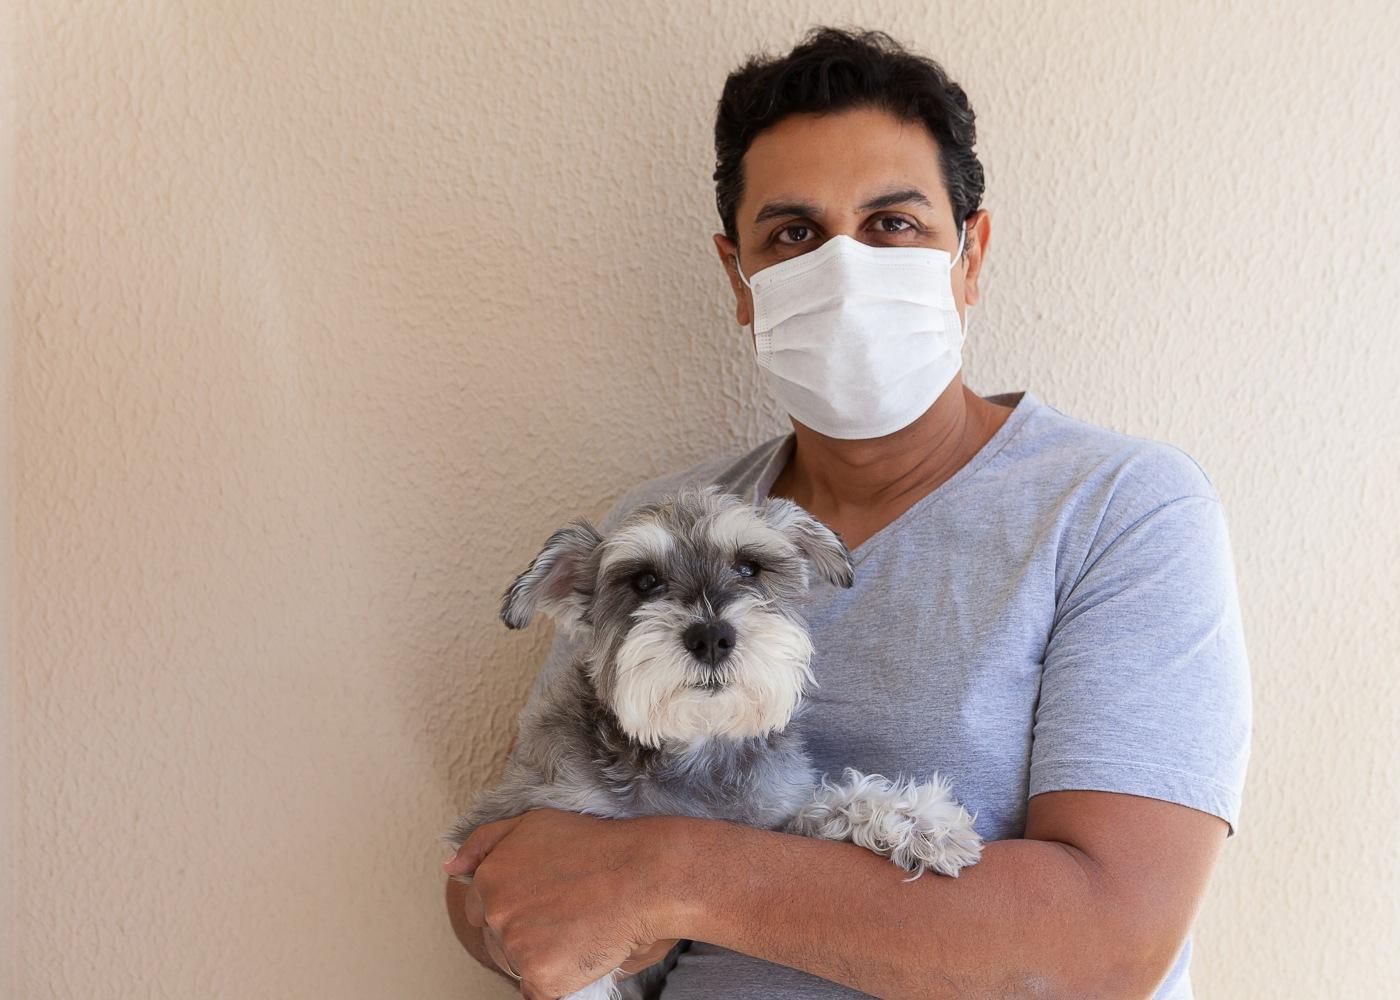 Cão no veterinário durante a pandemia